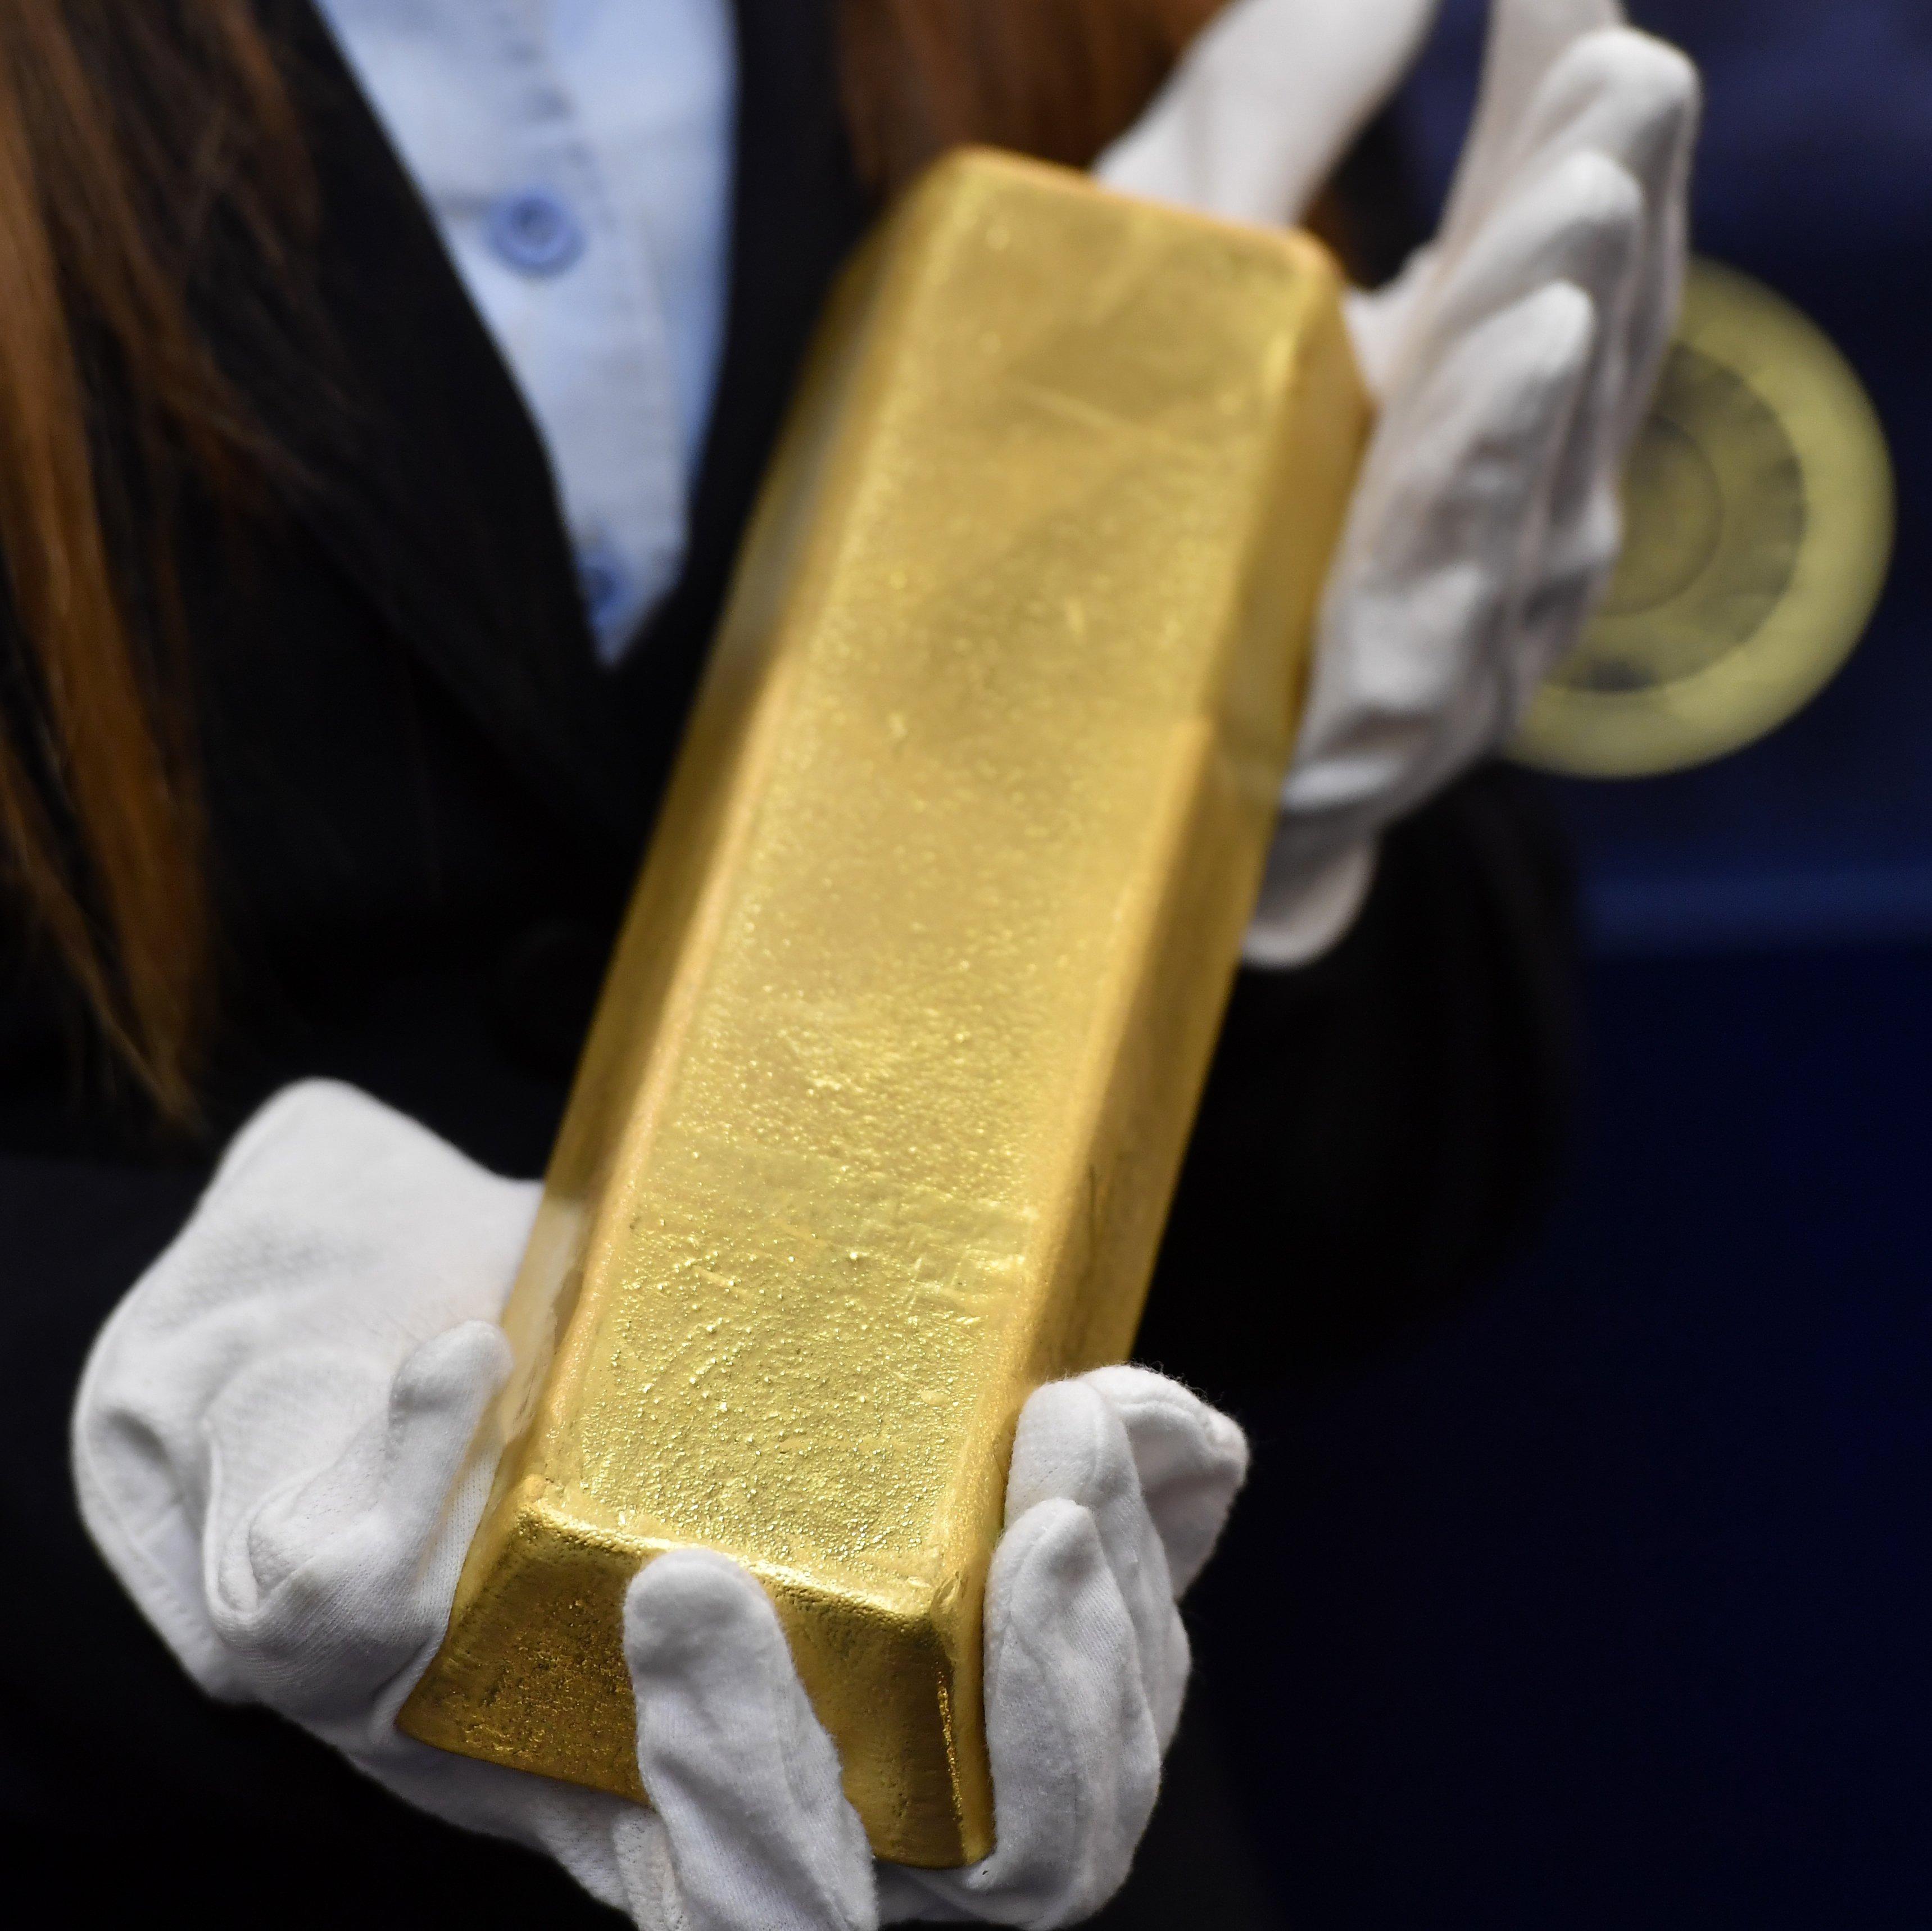 Több tonna aranyat és ezüstöt szednének ki a Börzsöny alól